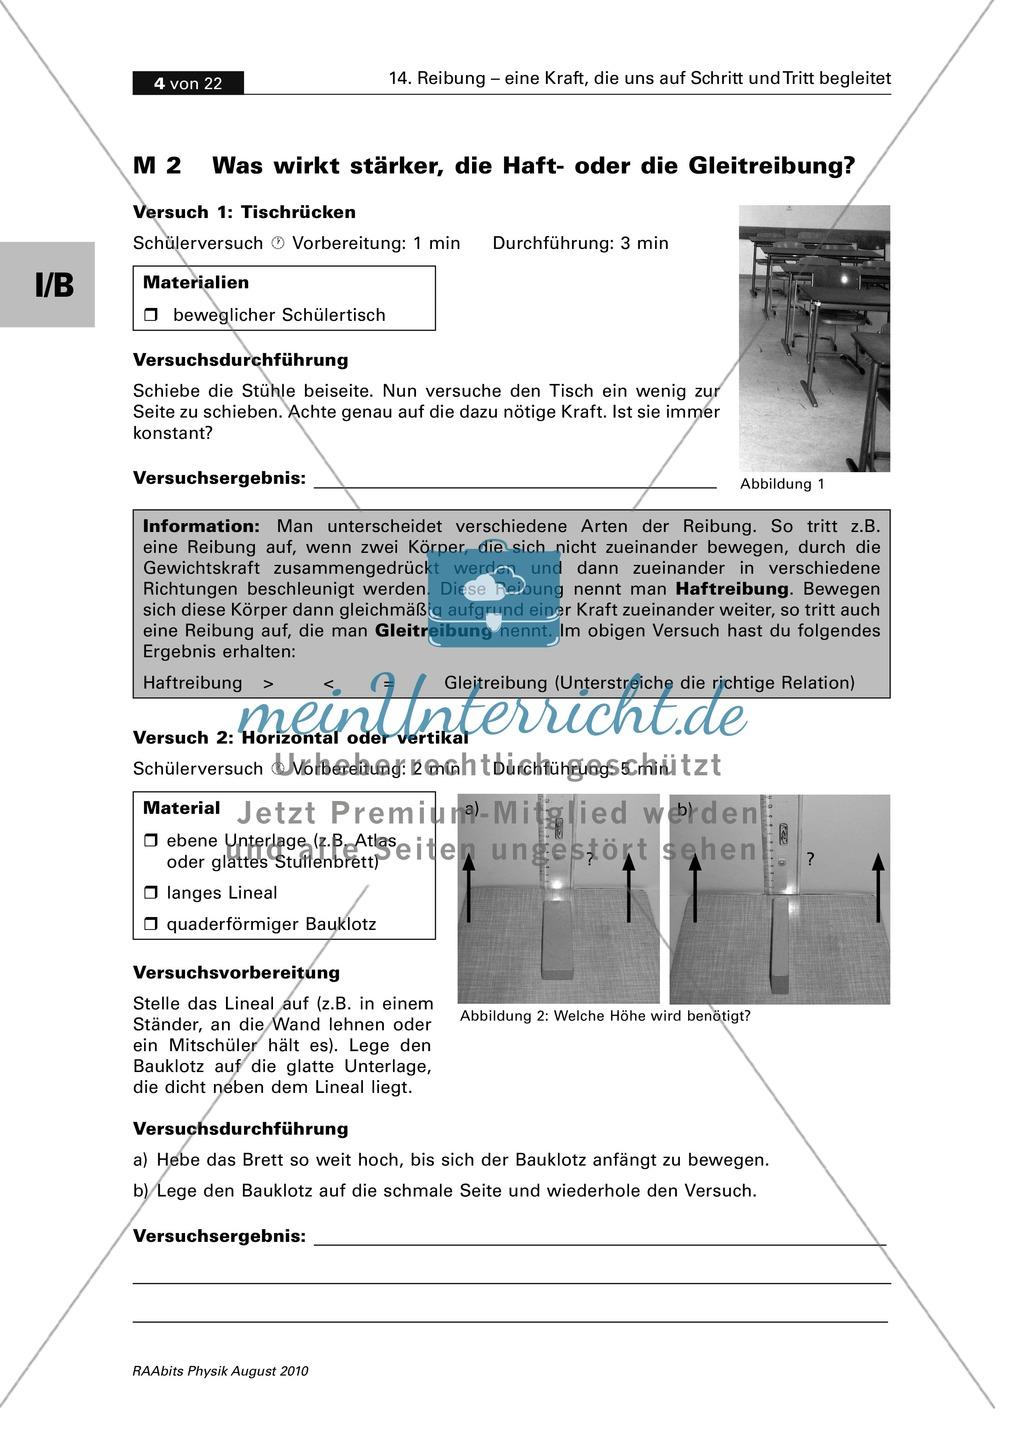 Erfreut Arbeitsblatt Reibung Ideen - Mathe Arbeitsblatt - urederra.info